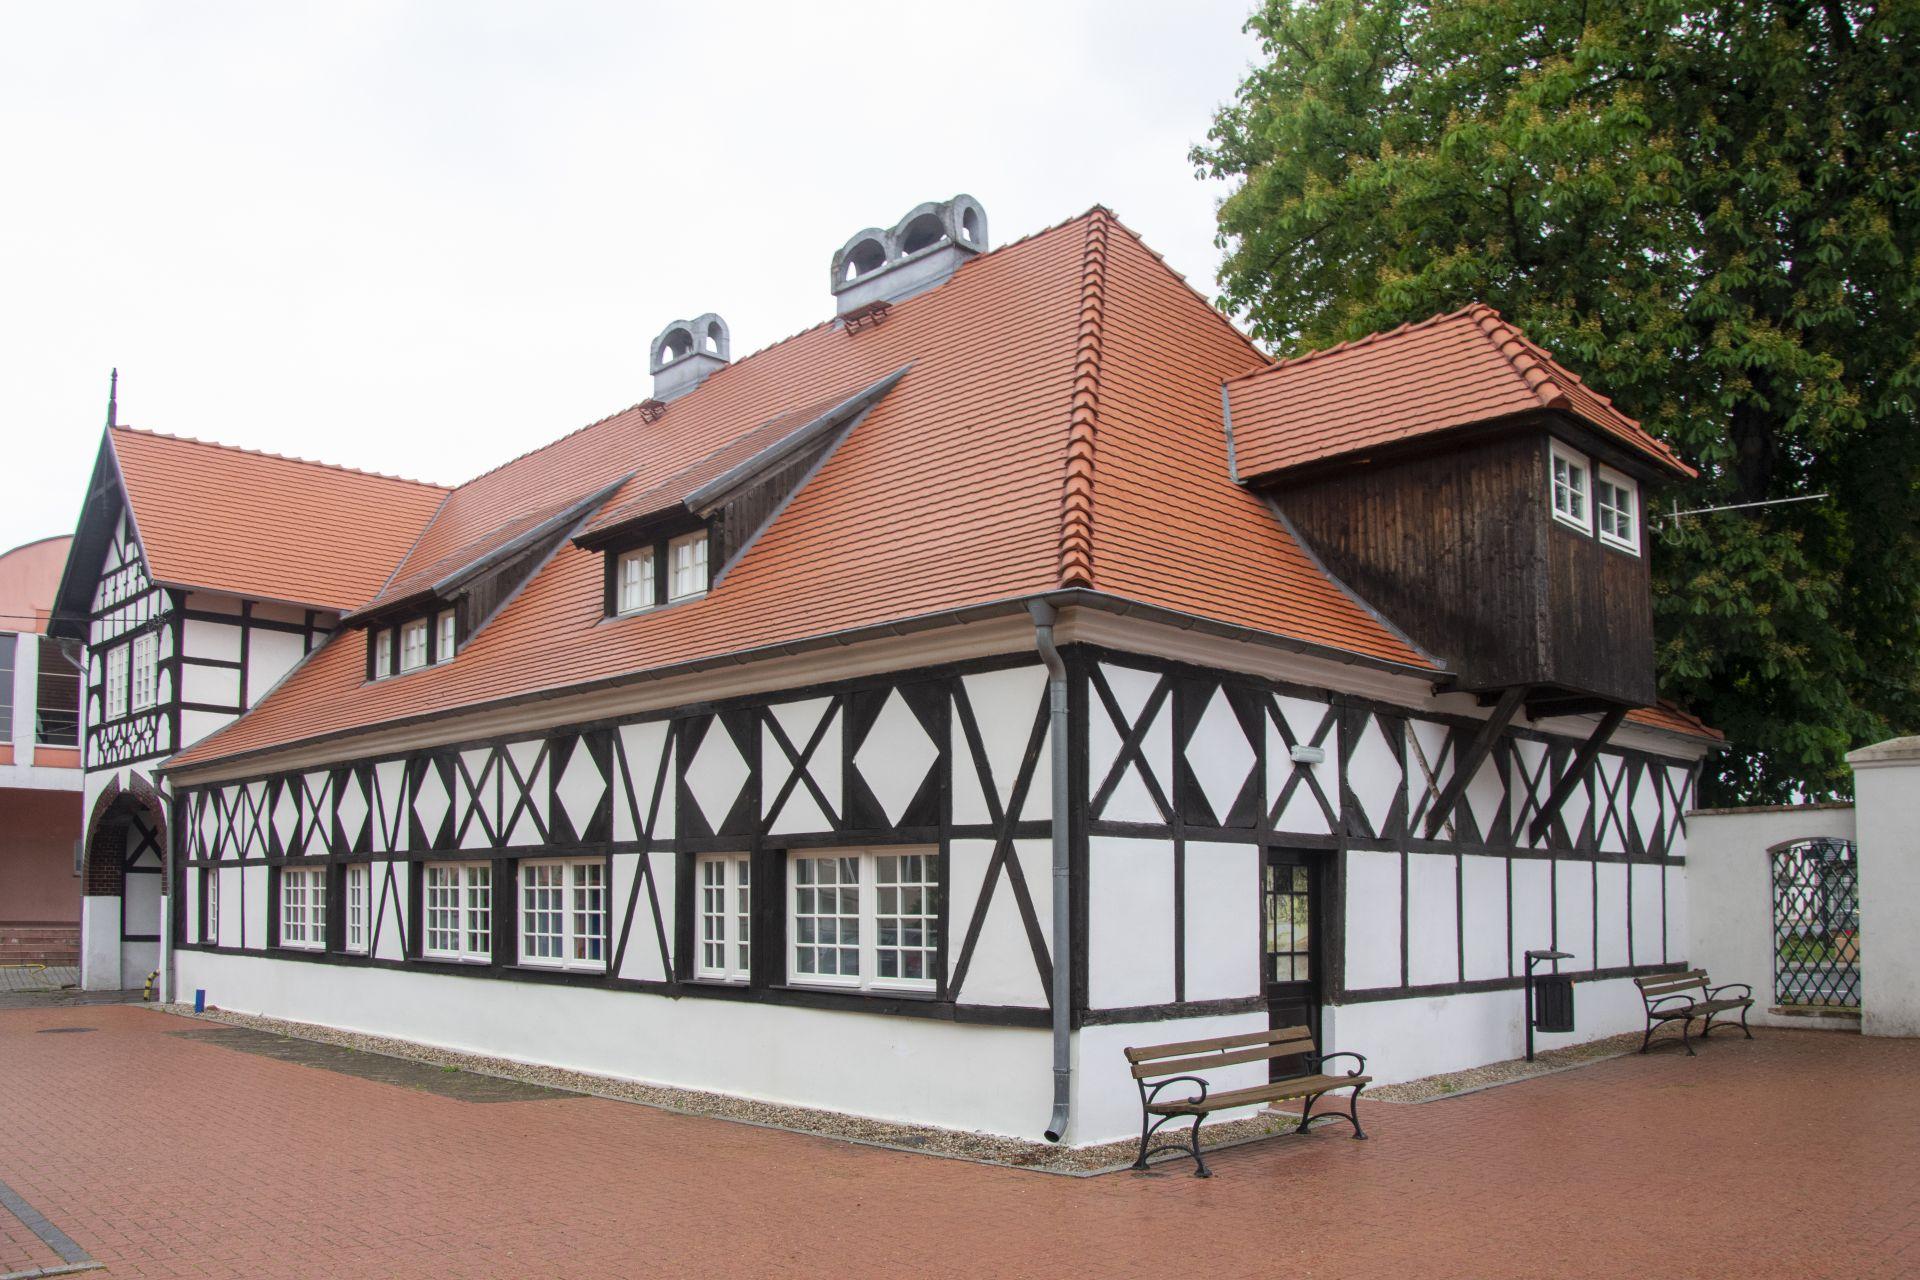 Wyremontowany budynek Biblioteki Kultury w Iłowej. Skośny, ceglany dach , szachulcowa budowla